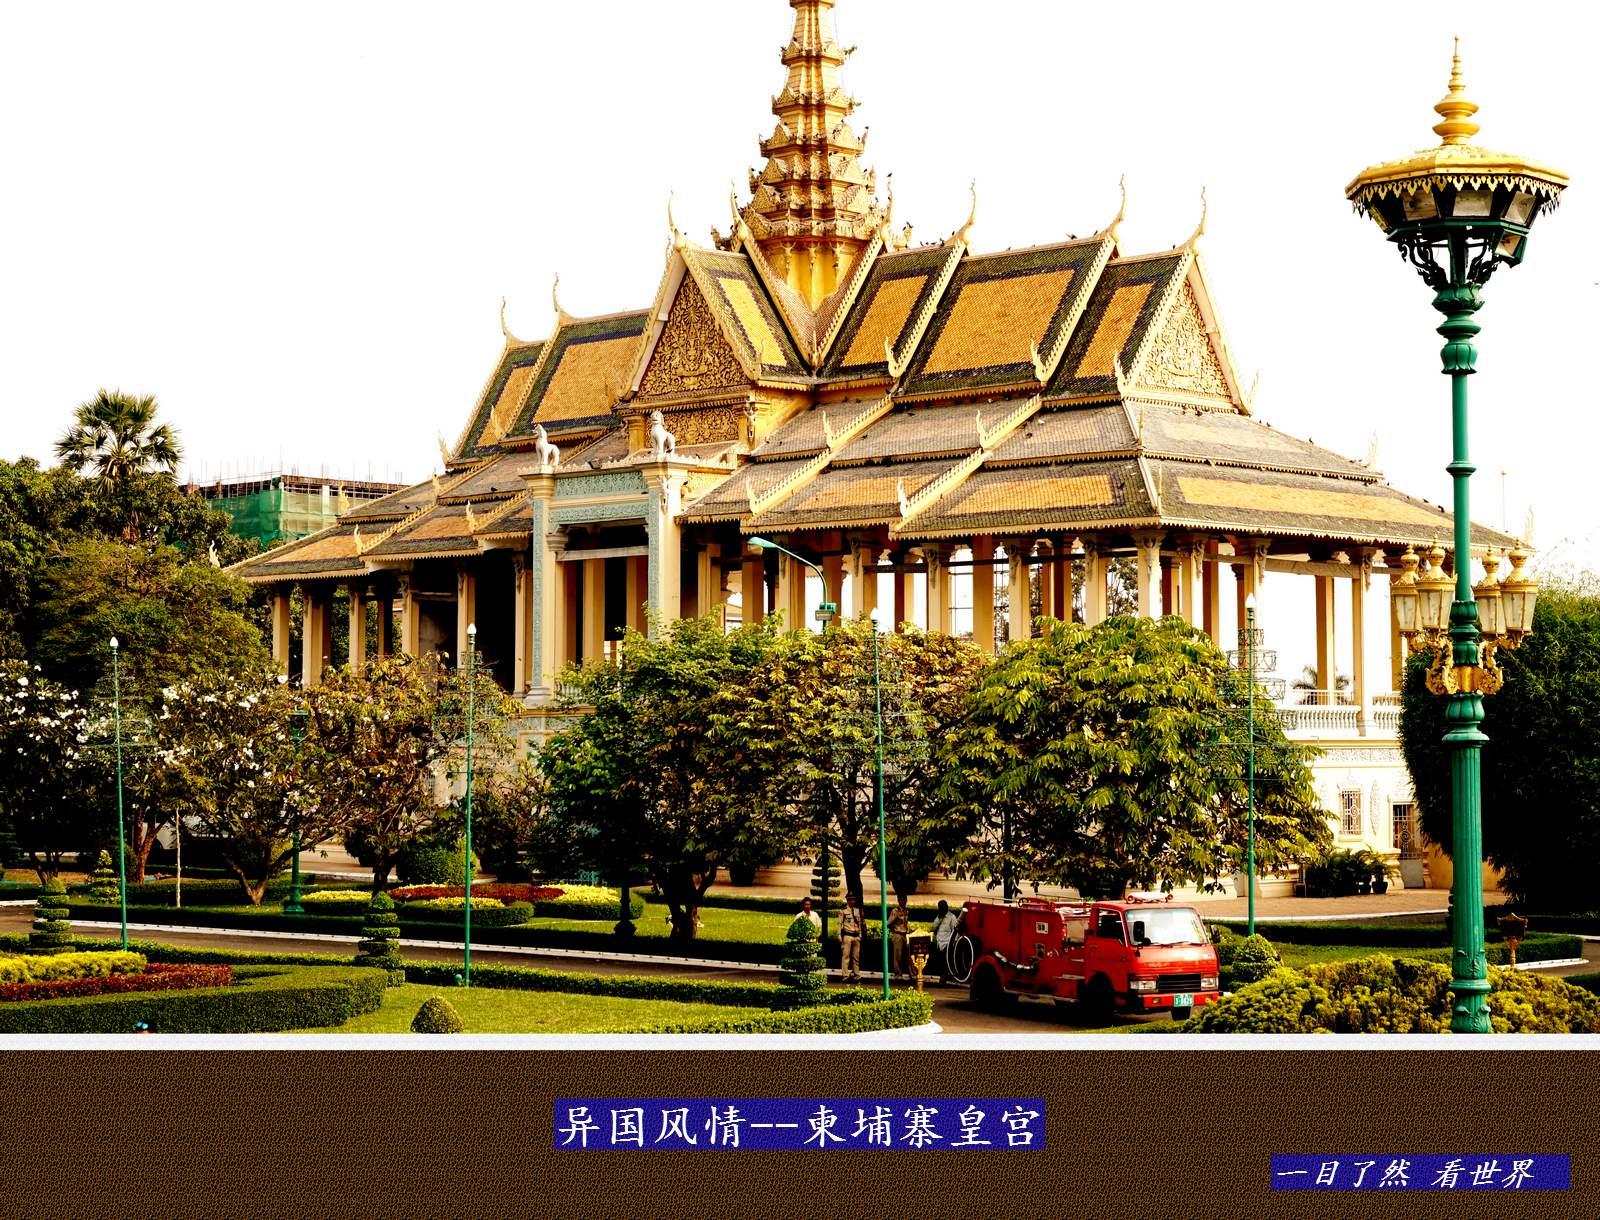 柬埔寨皇宫-38-1600.jpg